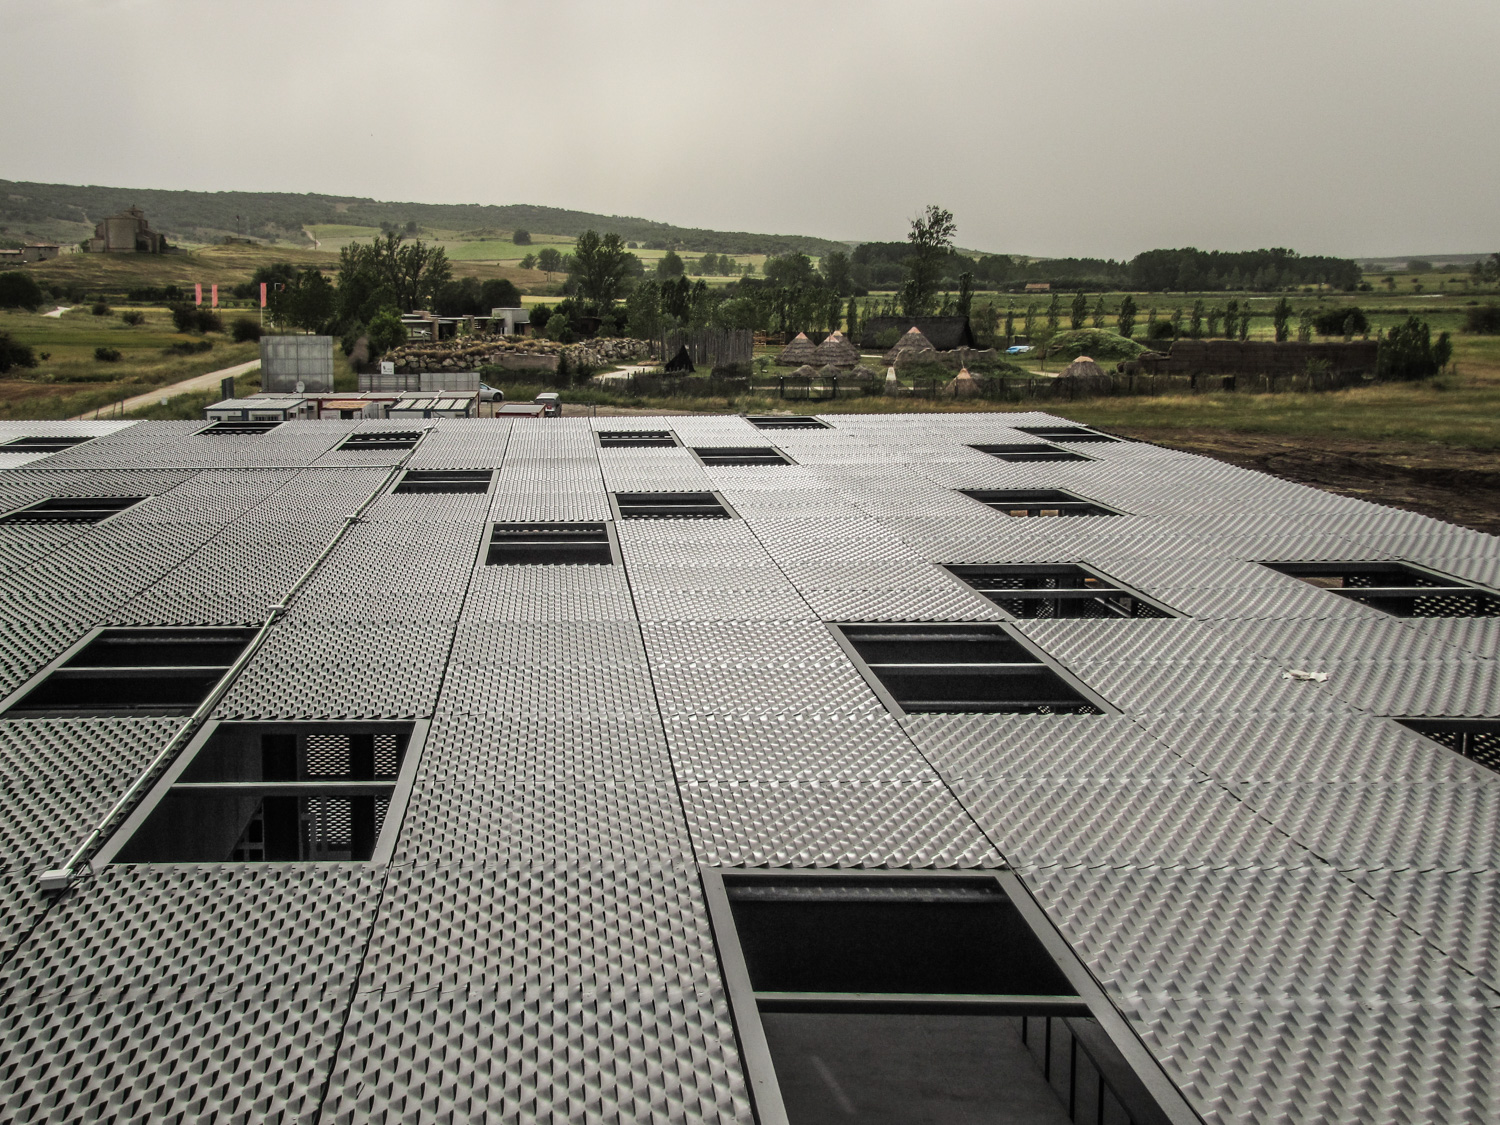 Centro de recepci n de visitantes al yacimiento de - Estudio arquitectura valladolid ...